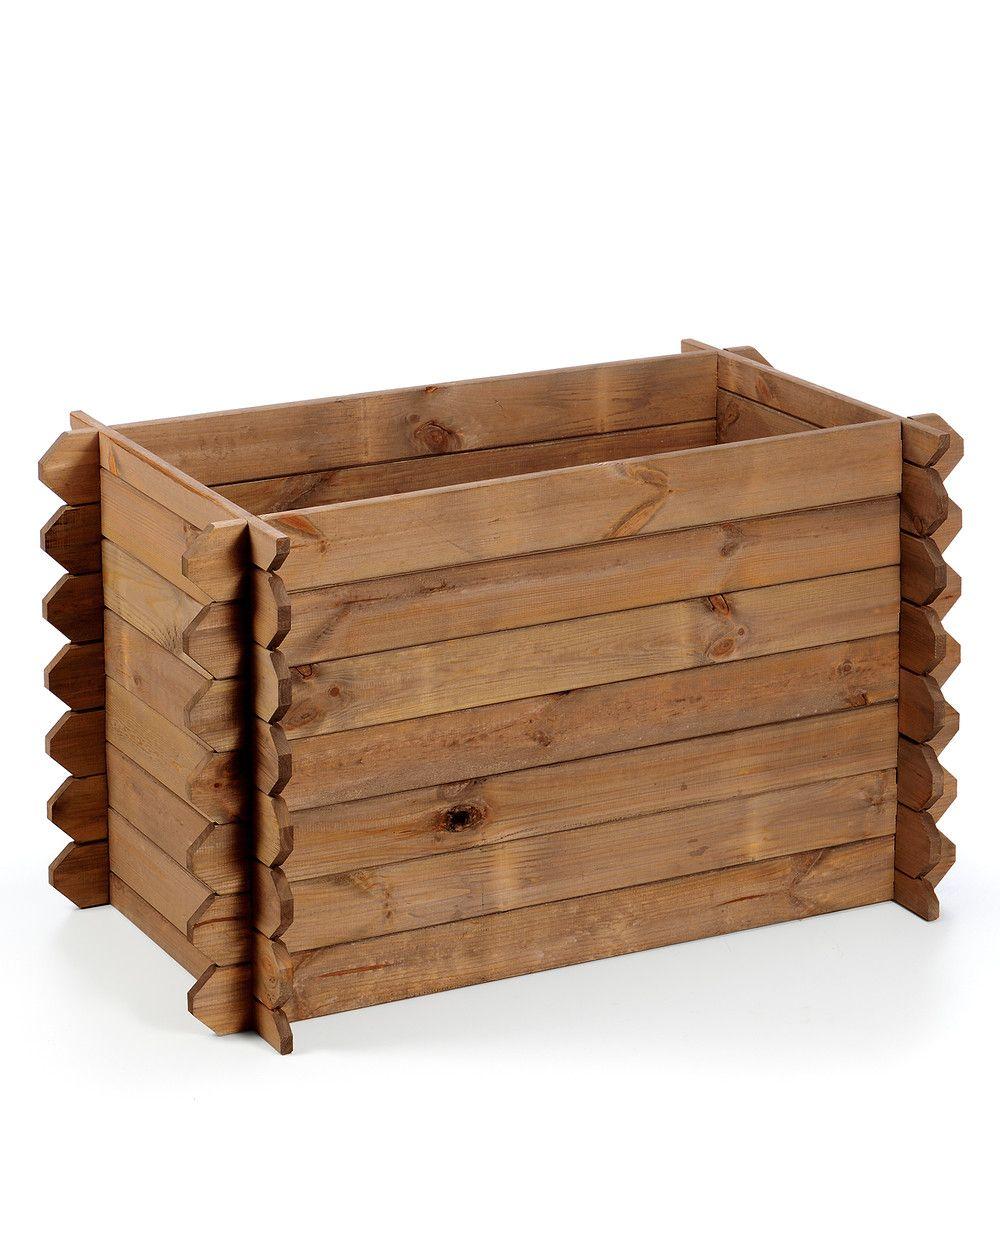 Mygardenlust Hochbeet Stecksystem Gunstig Online Kaufen Mein Schoner Garten Shop Mit Bildern Hochbeet Hochbeet Holz Pflanzenregale